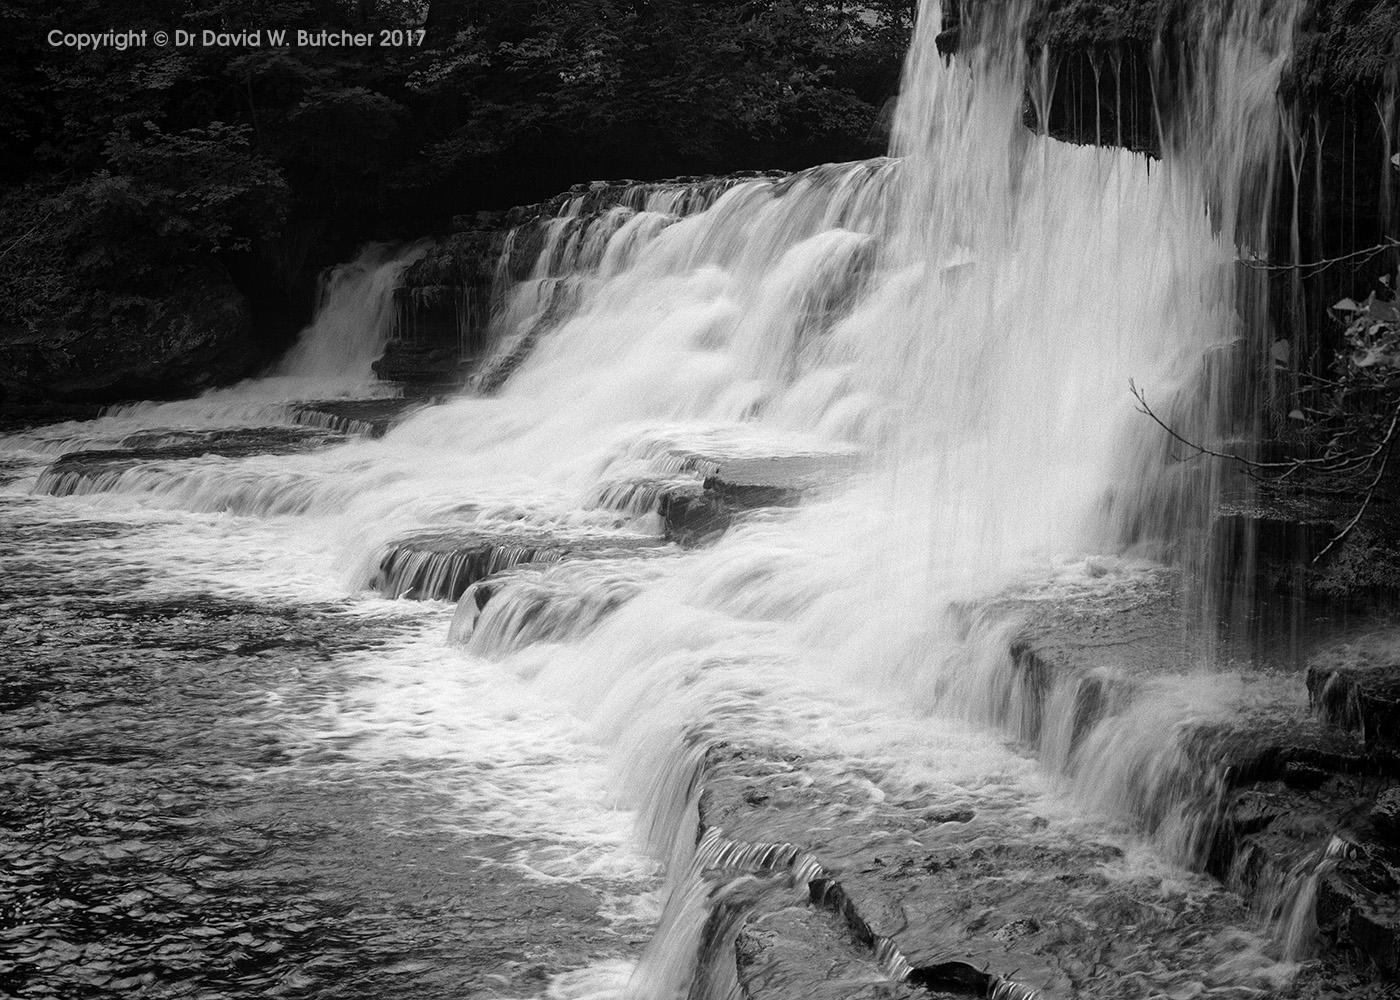 Aysgarth Middle Falls, Hawes, Wensleydale, Yorkshire